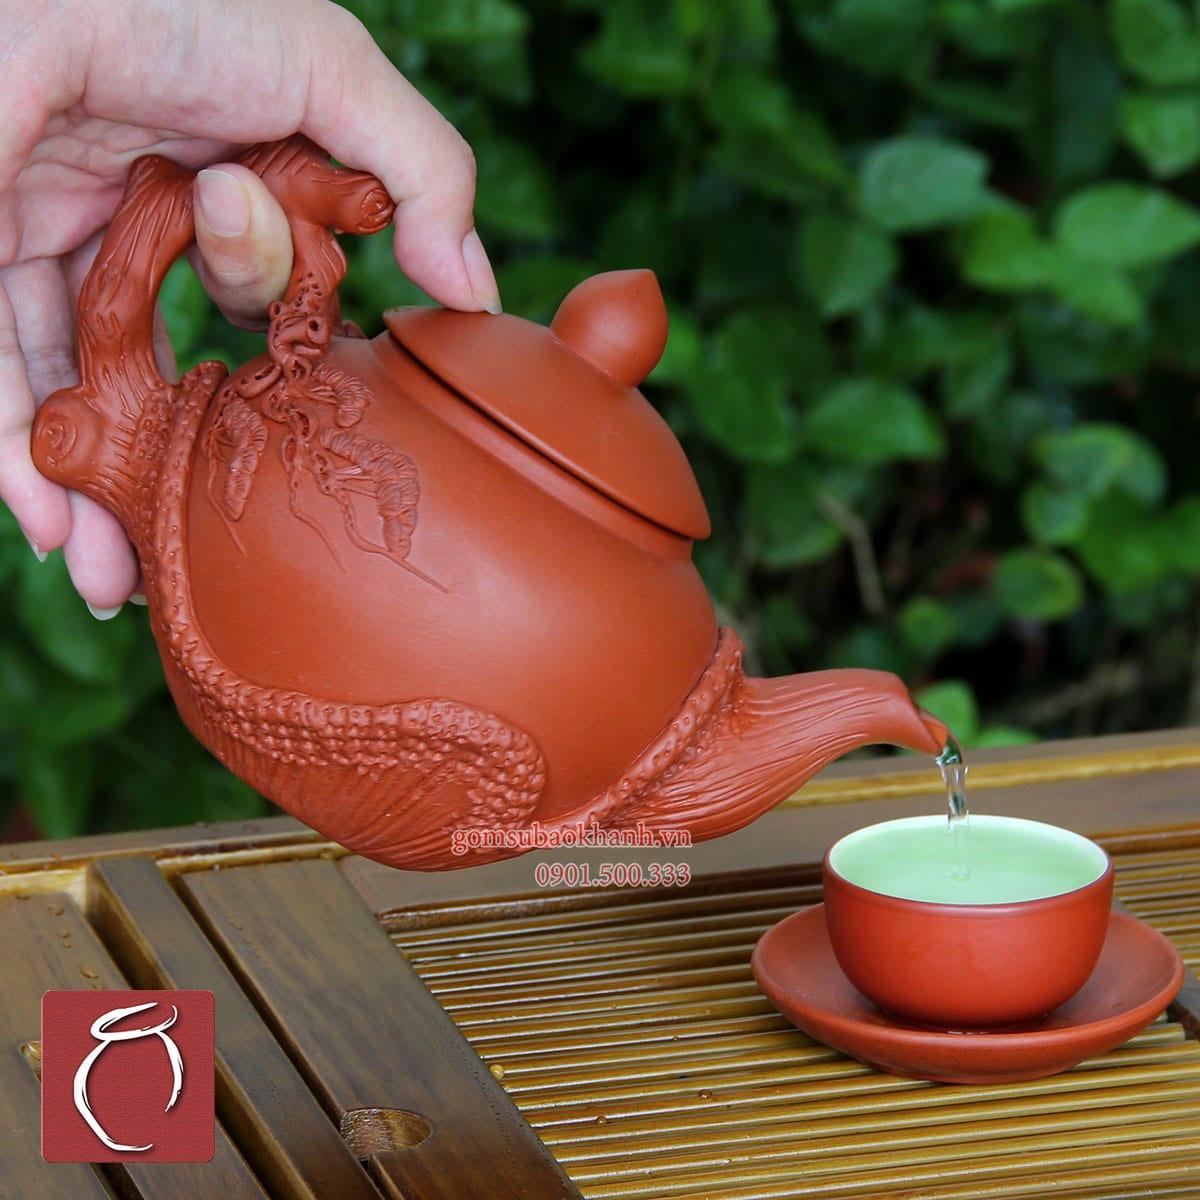 bộ cốc chén uống trà bát tràng